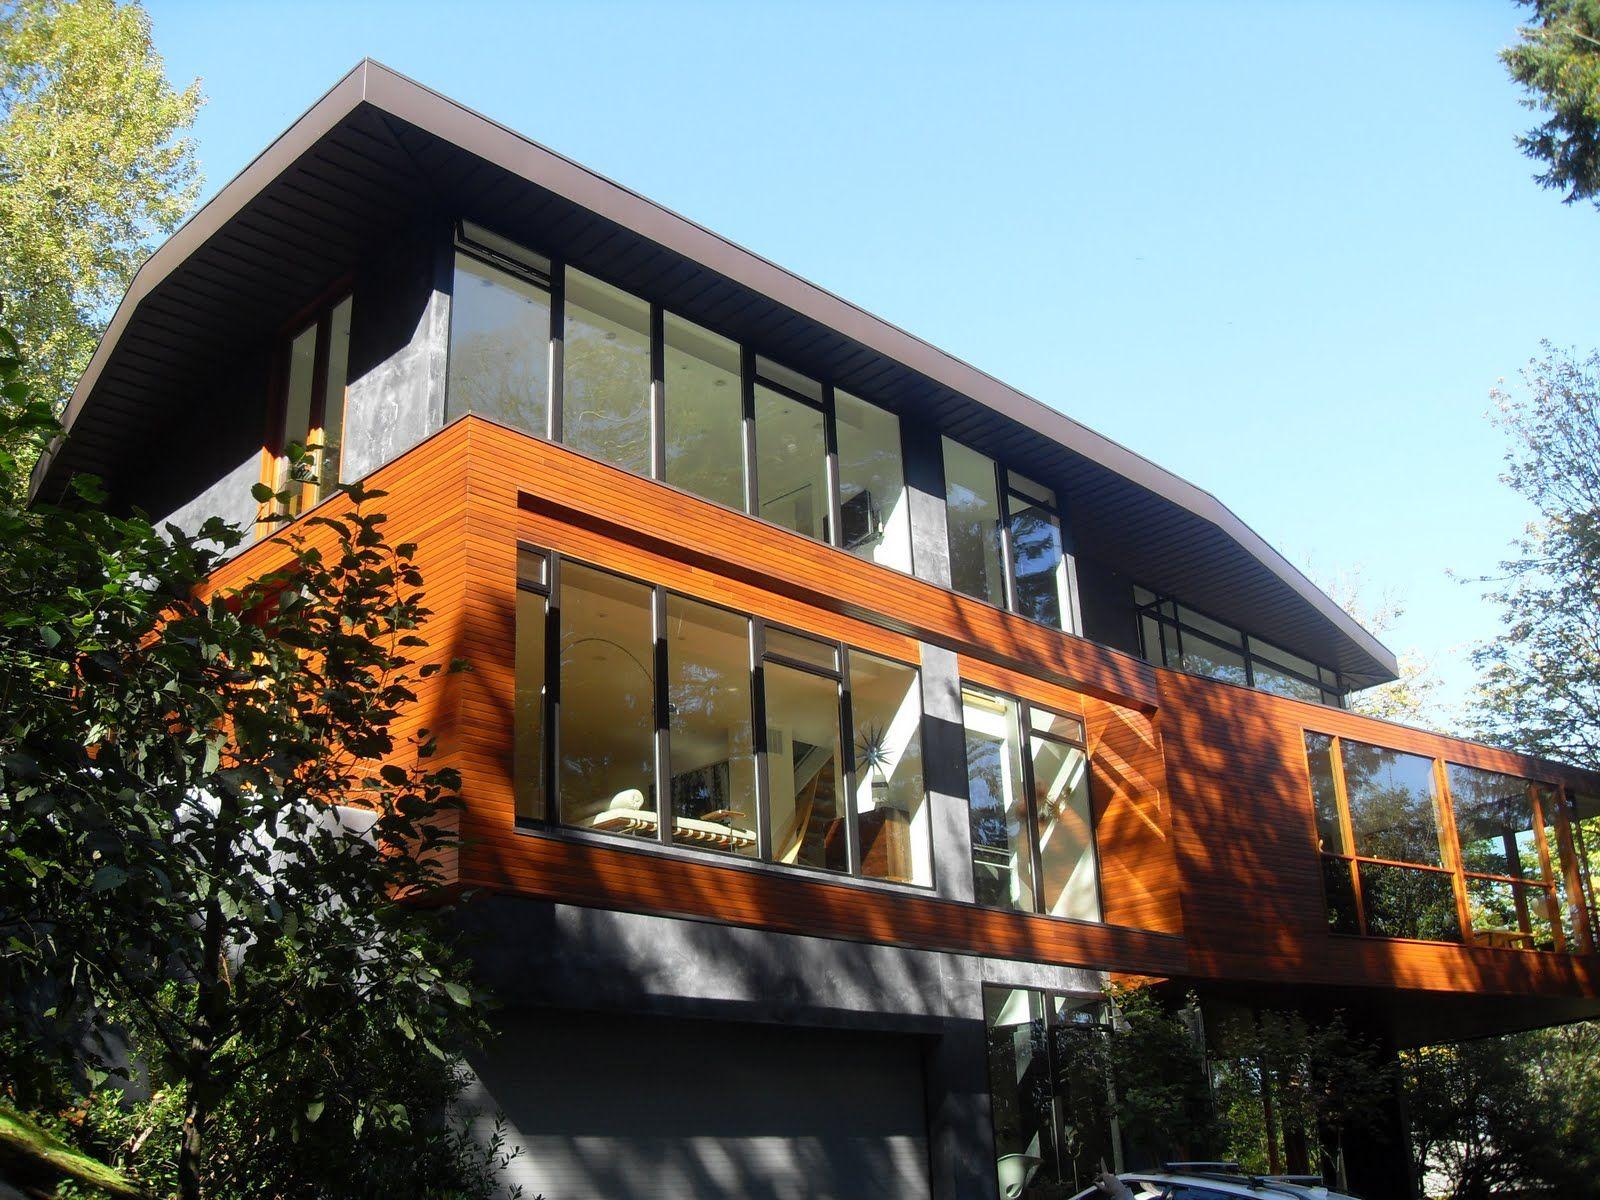 Cullen S House Bois Pierre Grise Volumes Baies Vitrées Architecture Future House House